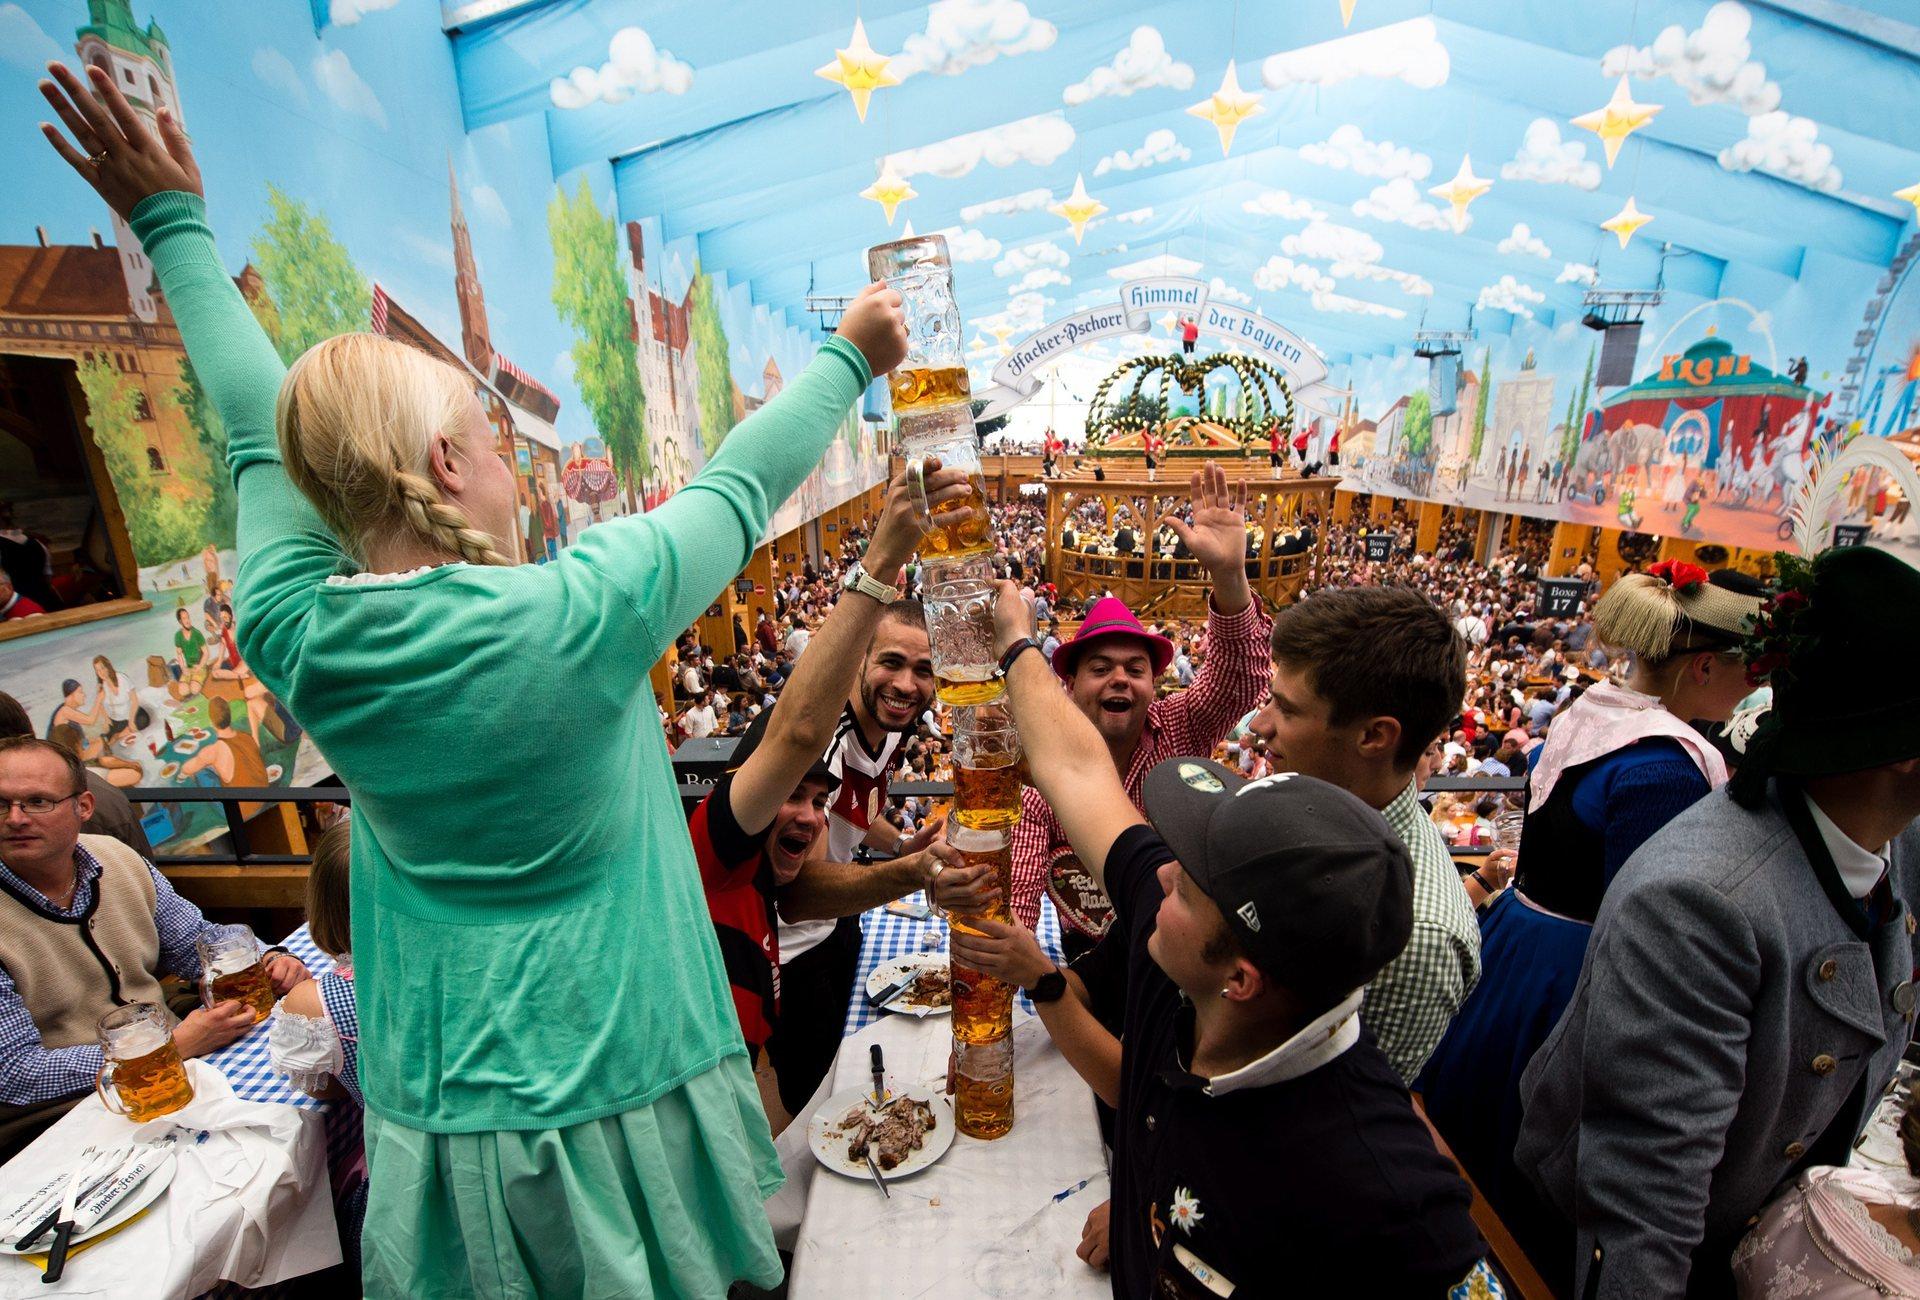 Местные называют «Октоберфест» die Wiesn по названию территории, где проходит фестиваль — Theresienwiese (Луг Терезы). Фото: Matthias Balk/EPA